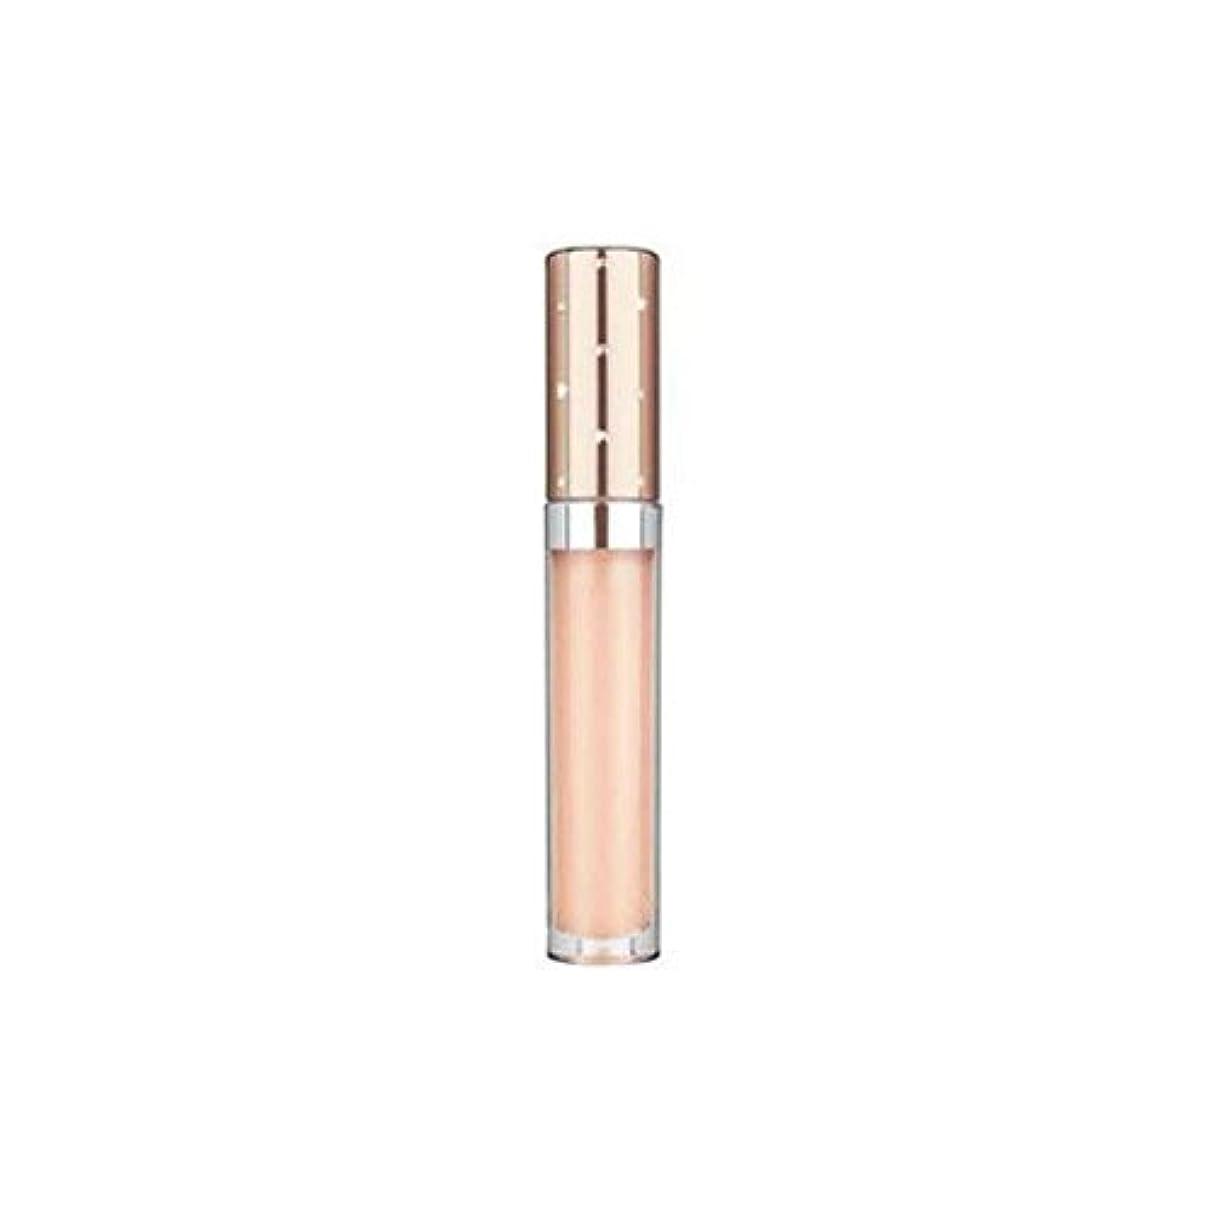 施設ベースうぬぼれNubo Instant Lip Perfection Spf15 (5ml) (Pack of 6) - インスタントリップパーフェクション15(5ミリリットル) x6 [並行輸入品]